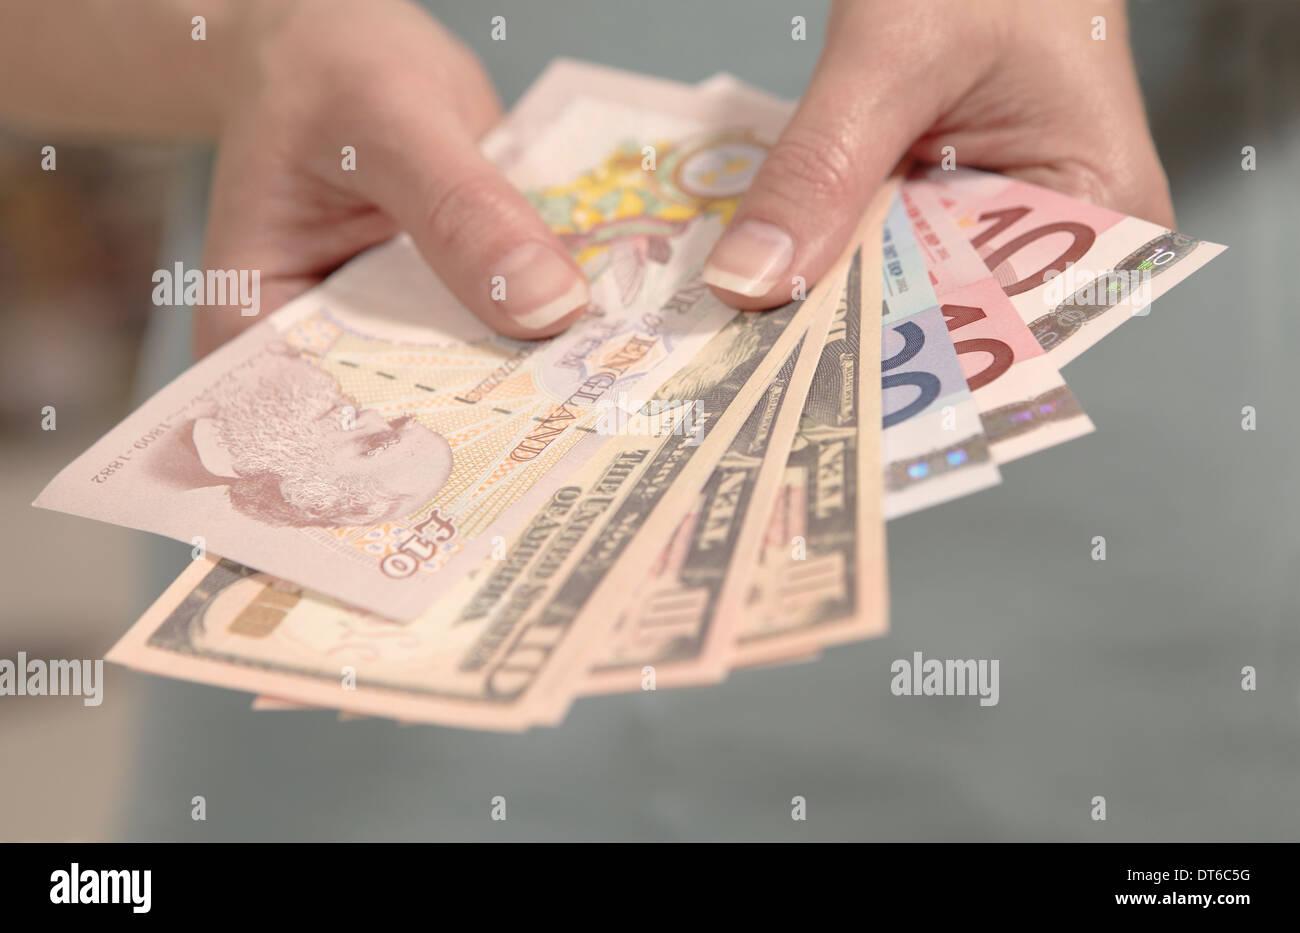 Manos sosteniendo femenino estadounidense, británica y la moneda europea. Imagen De Stock